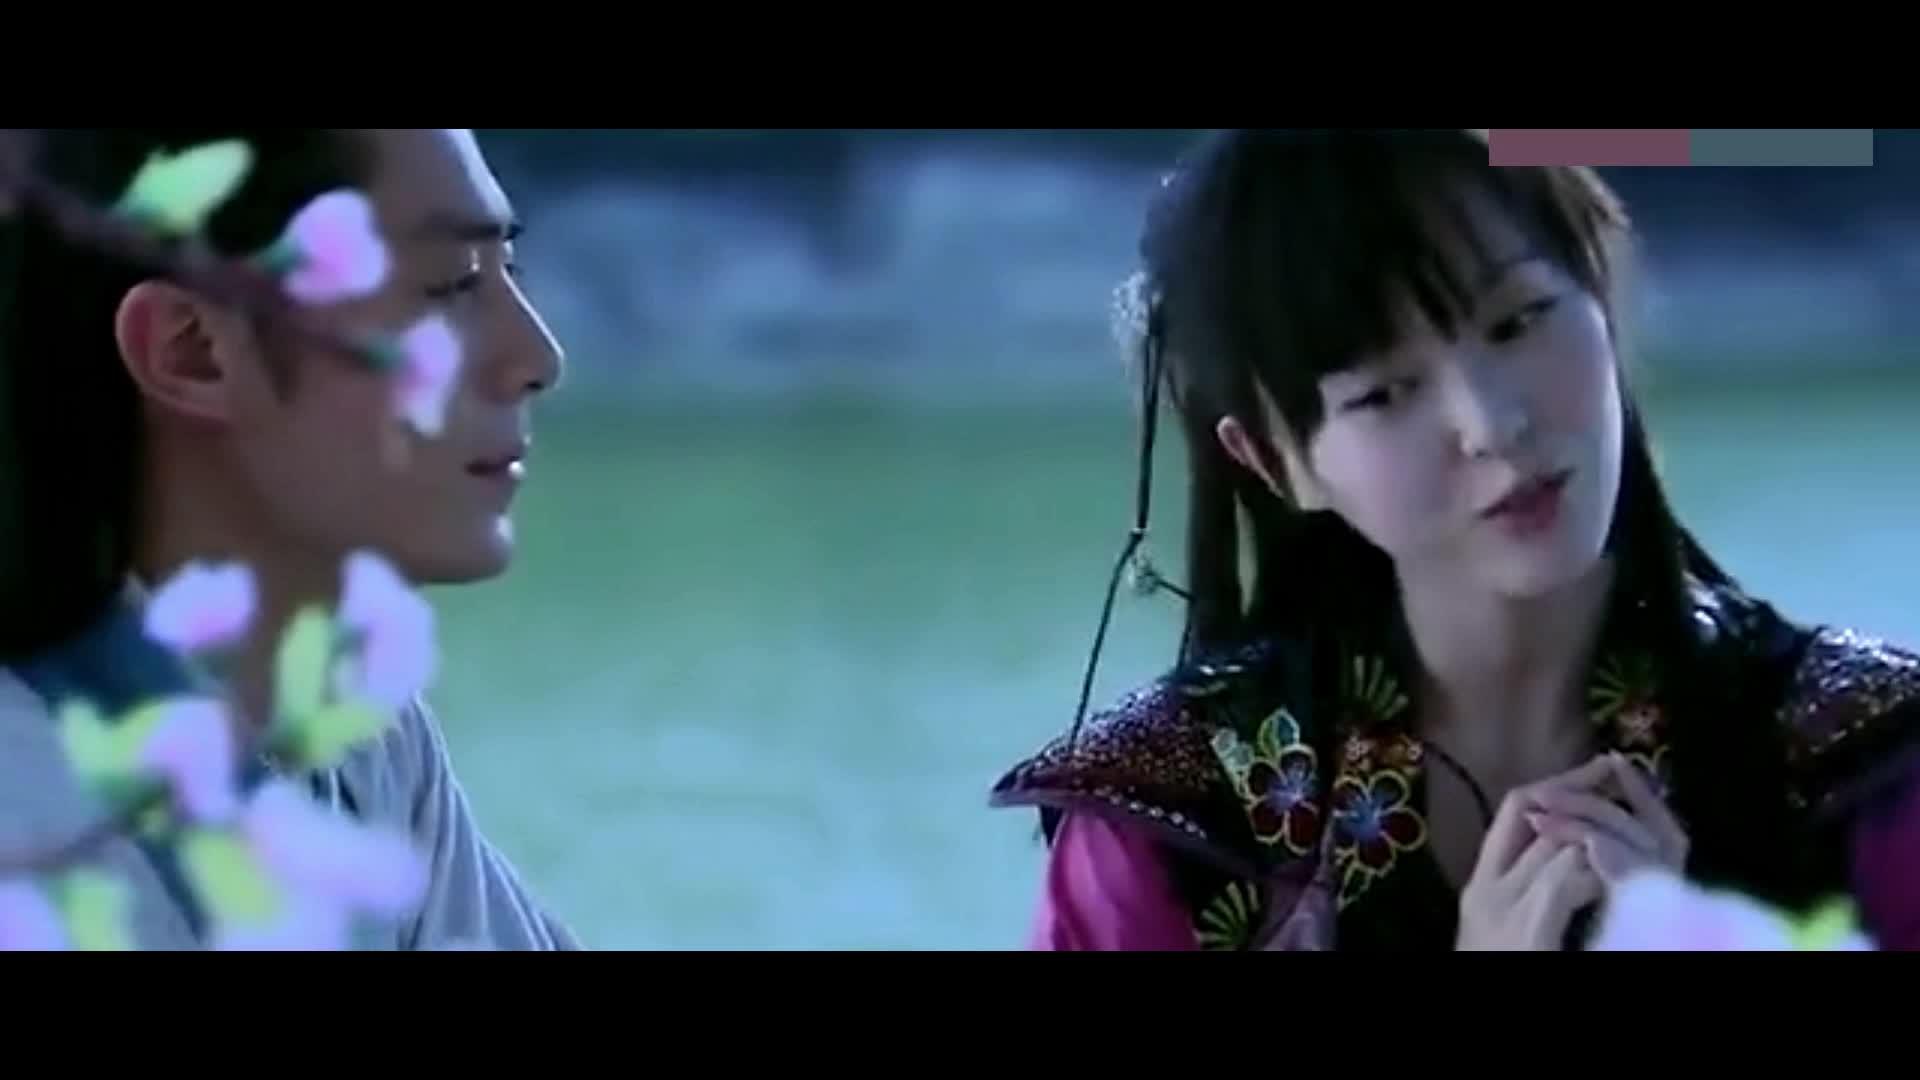 #追剧不能停#《仙剑奇侠传》白豆腐和紫萱姑娘,为爱殉情,一起跳下悬崖